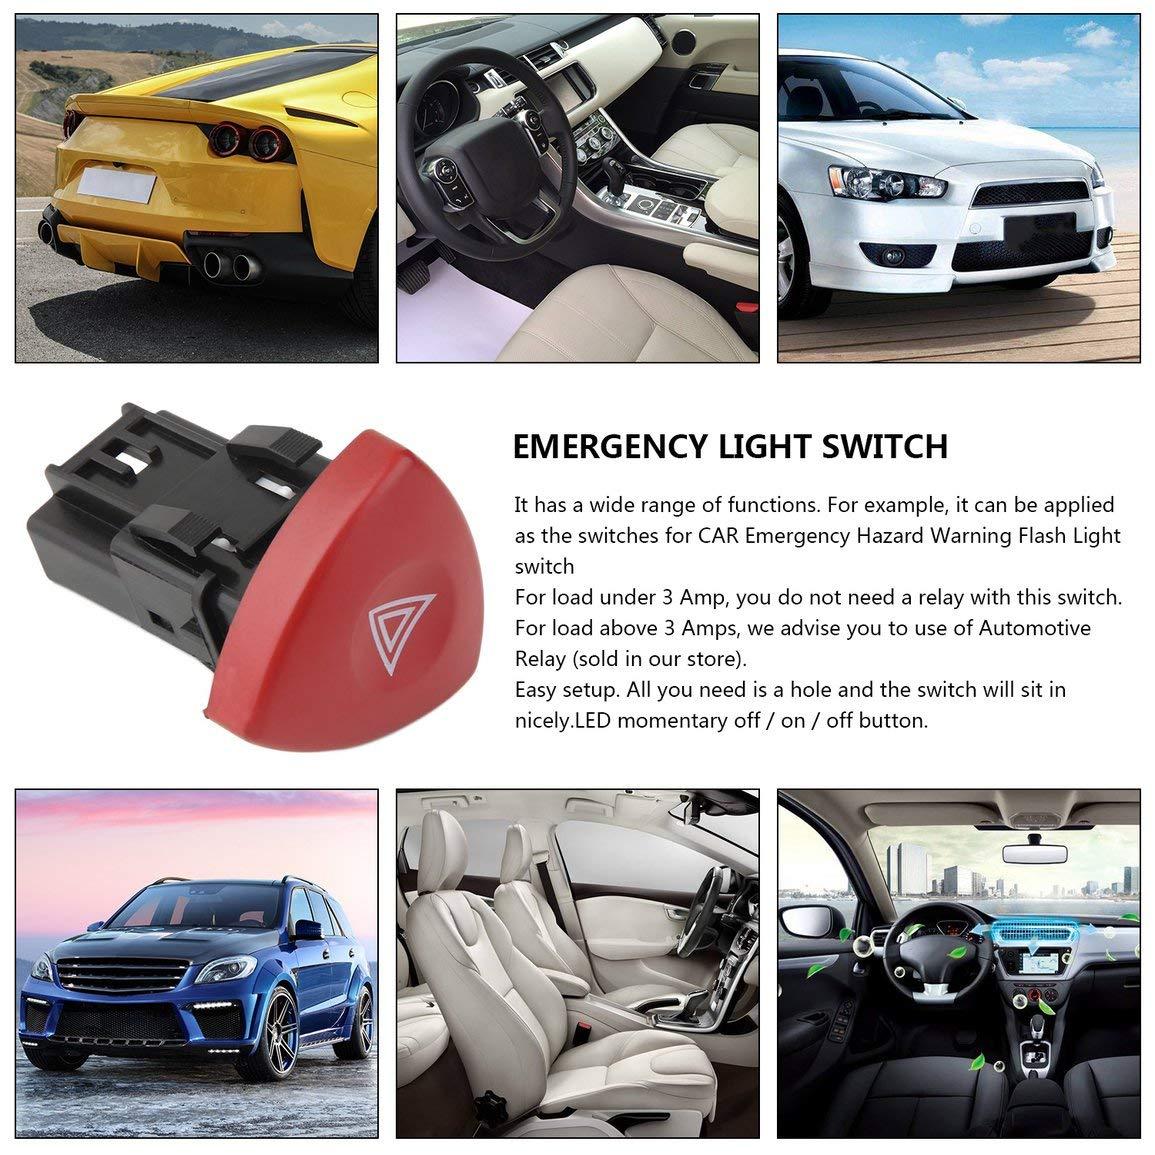 Commutateur avertisseur de d/étresse avertisseur de d/étresse Schalter pour Renault Laguna Master Trafic II Vauxhall 01-14 fghfhfgjdfj